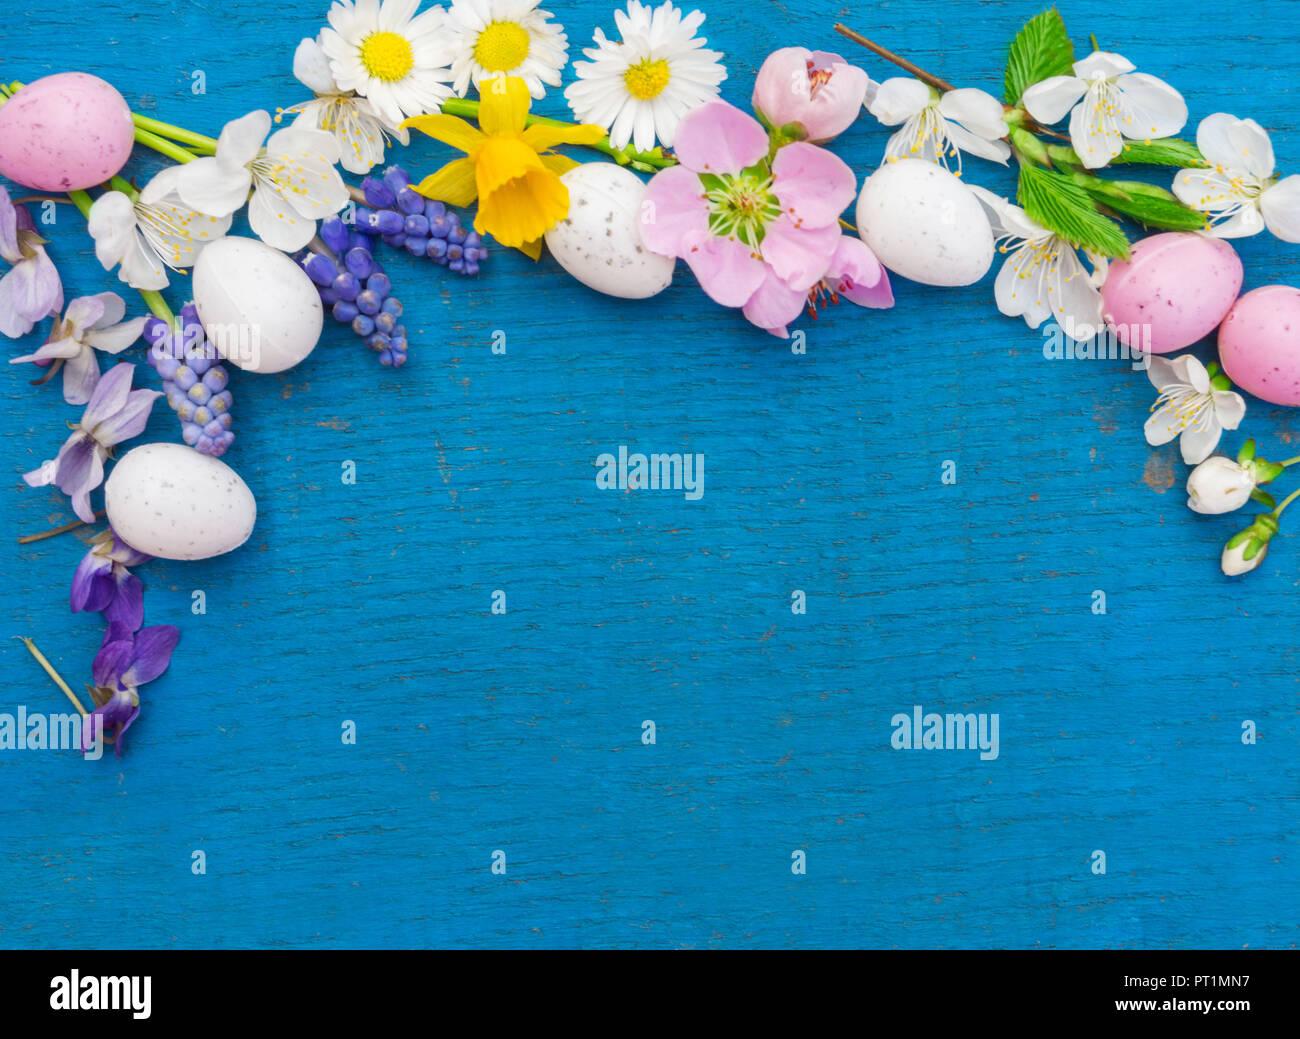 Ostereier Und Blumen Auf Blau Holz Ostern Dekoration Mit Kopie Raum